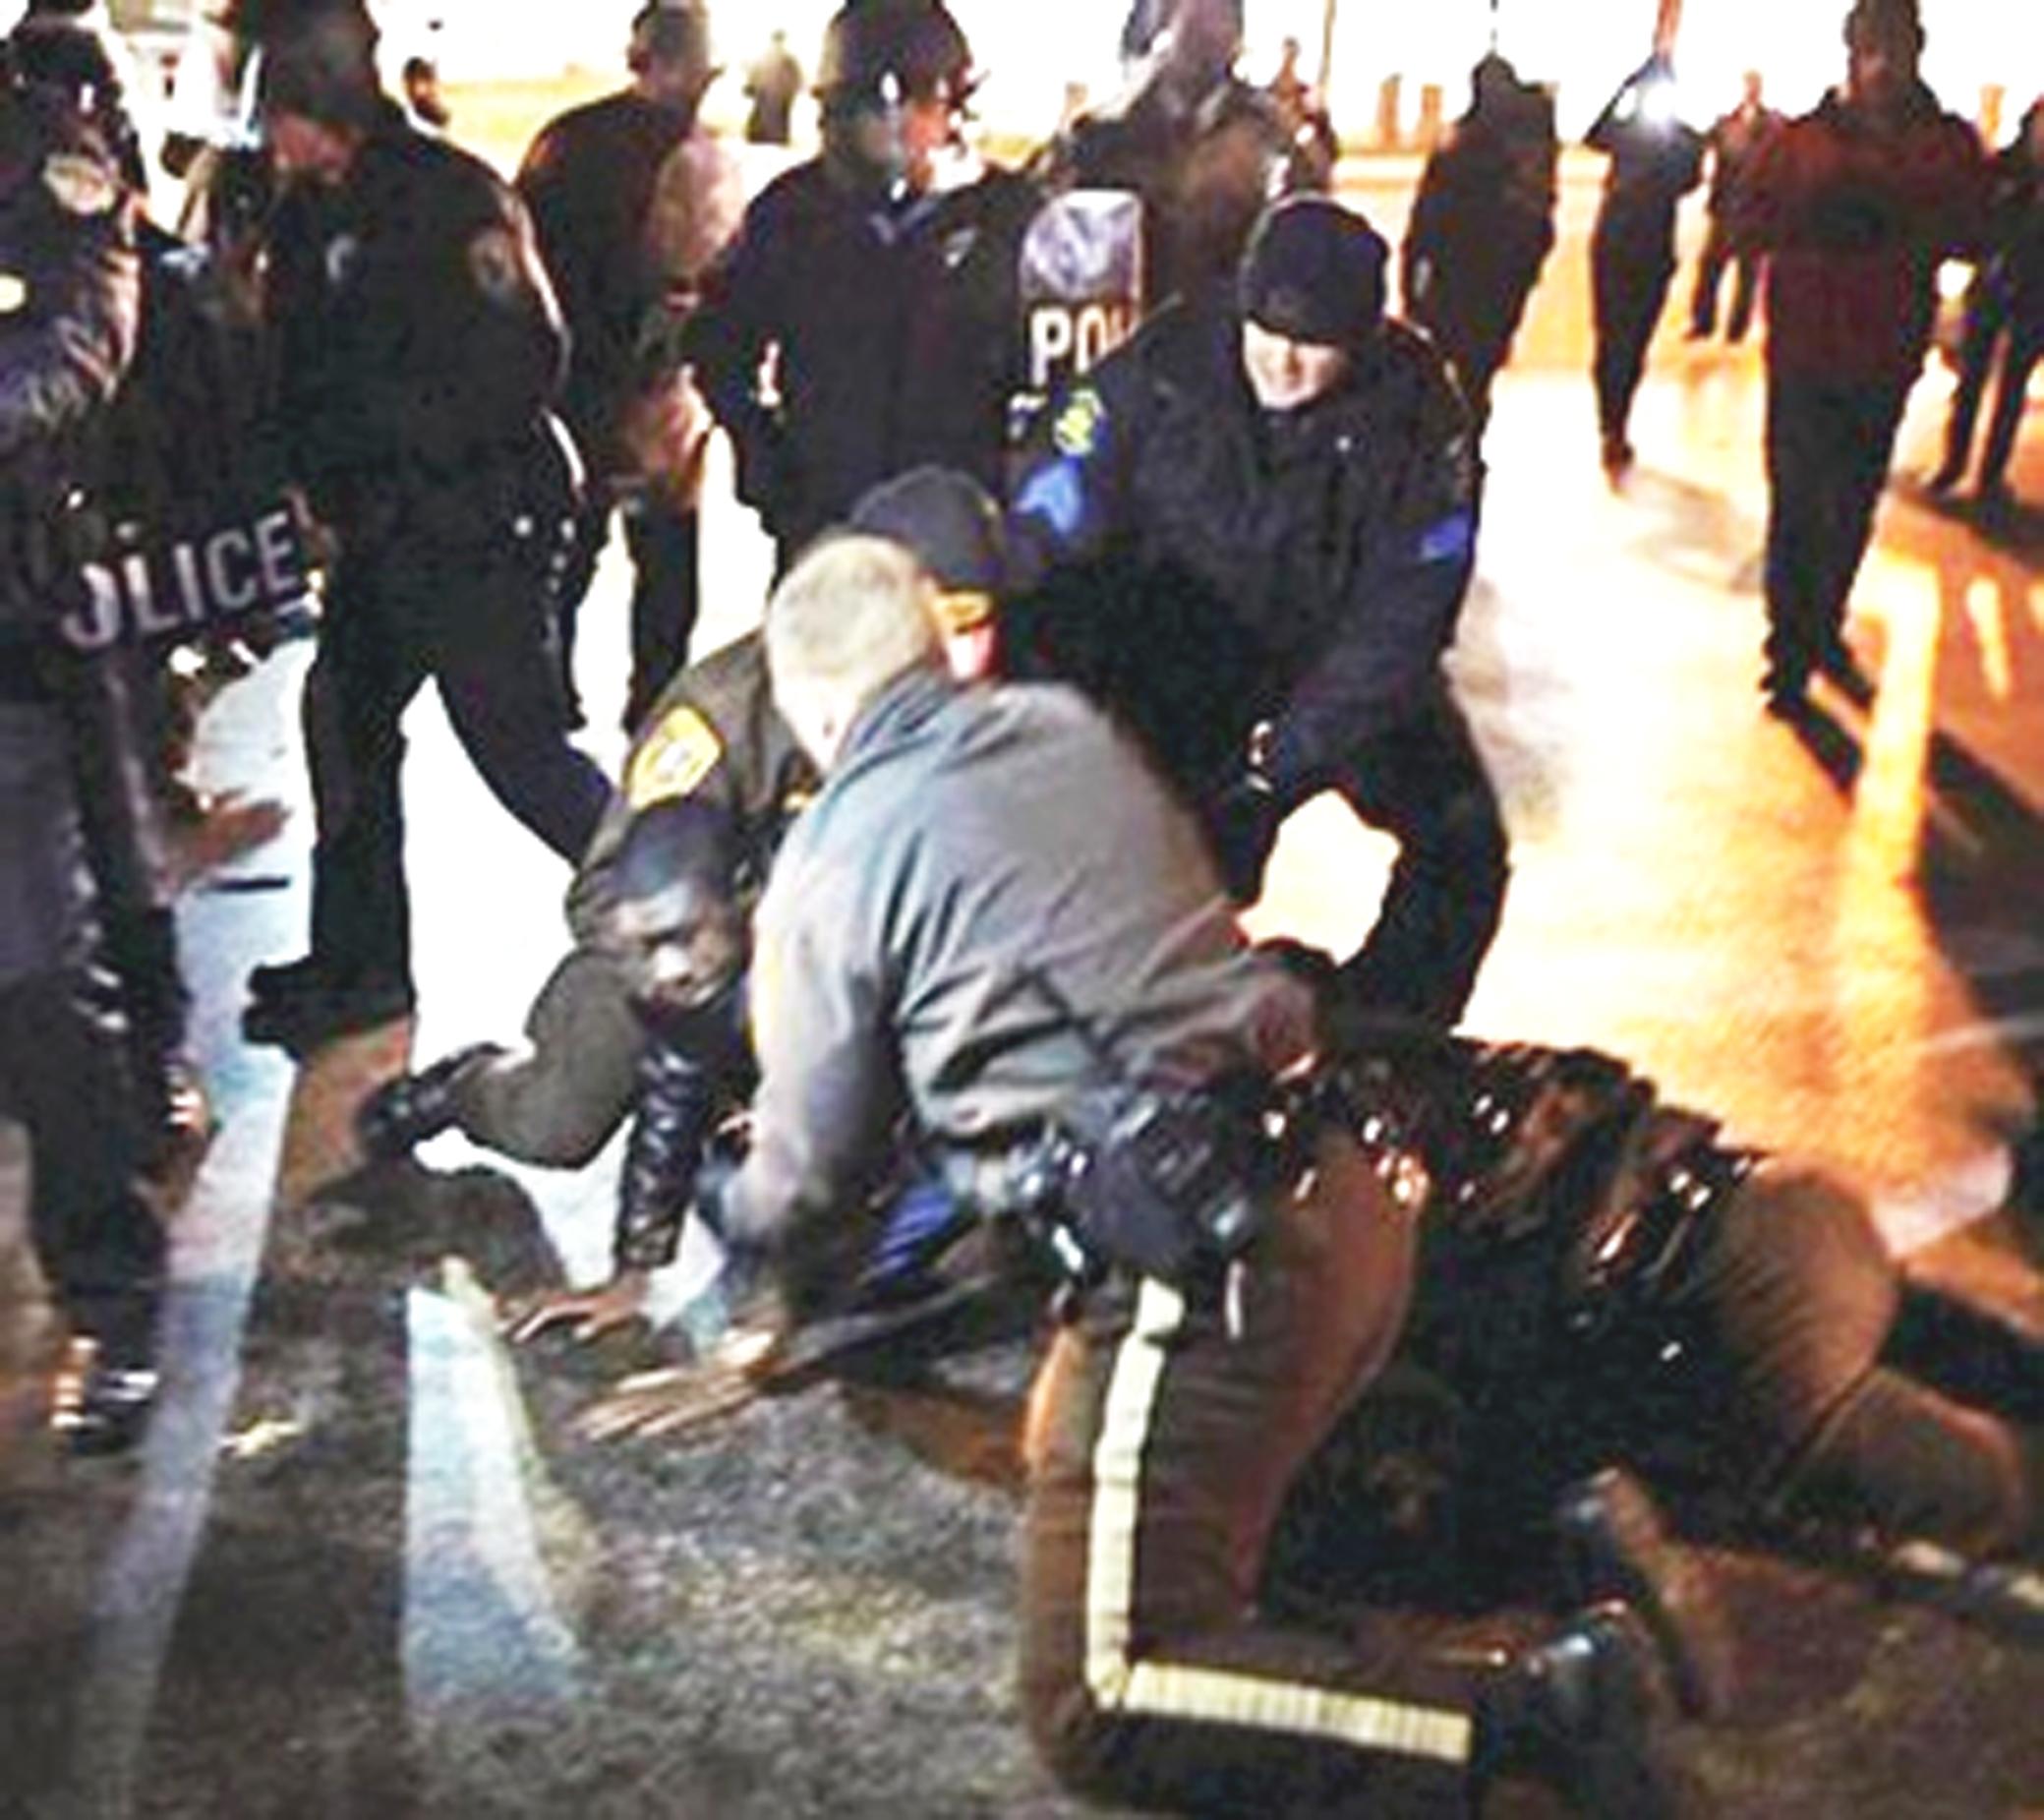 Police arresting protesters in Ferguson, Missouri, Nov. 20, 2014